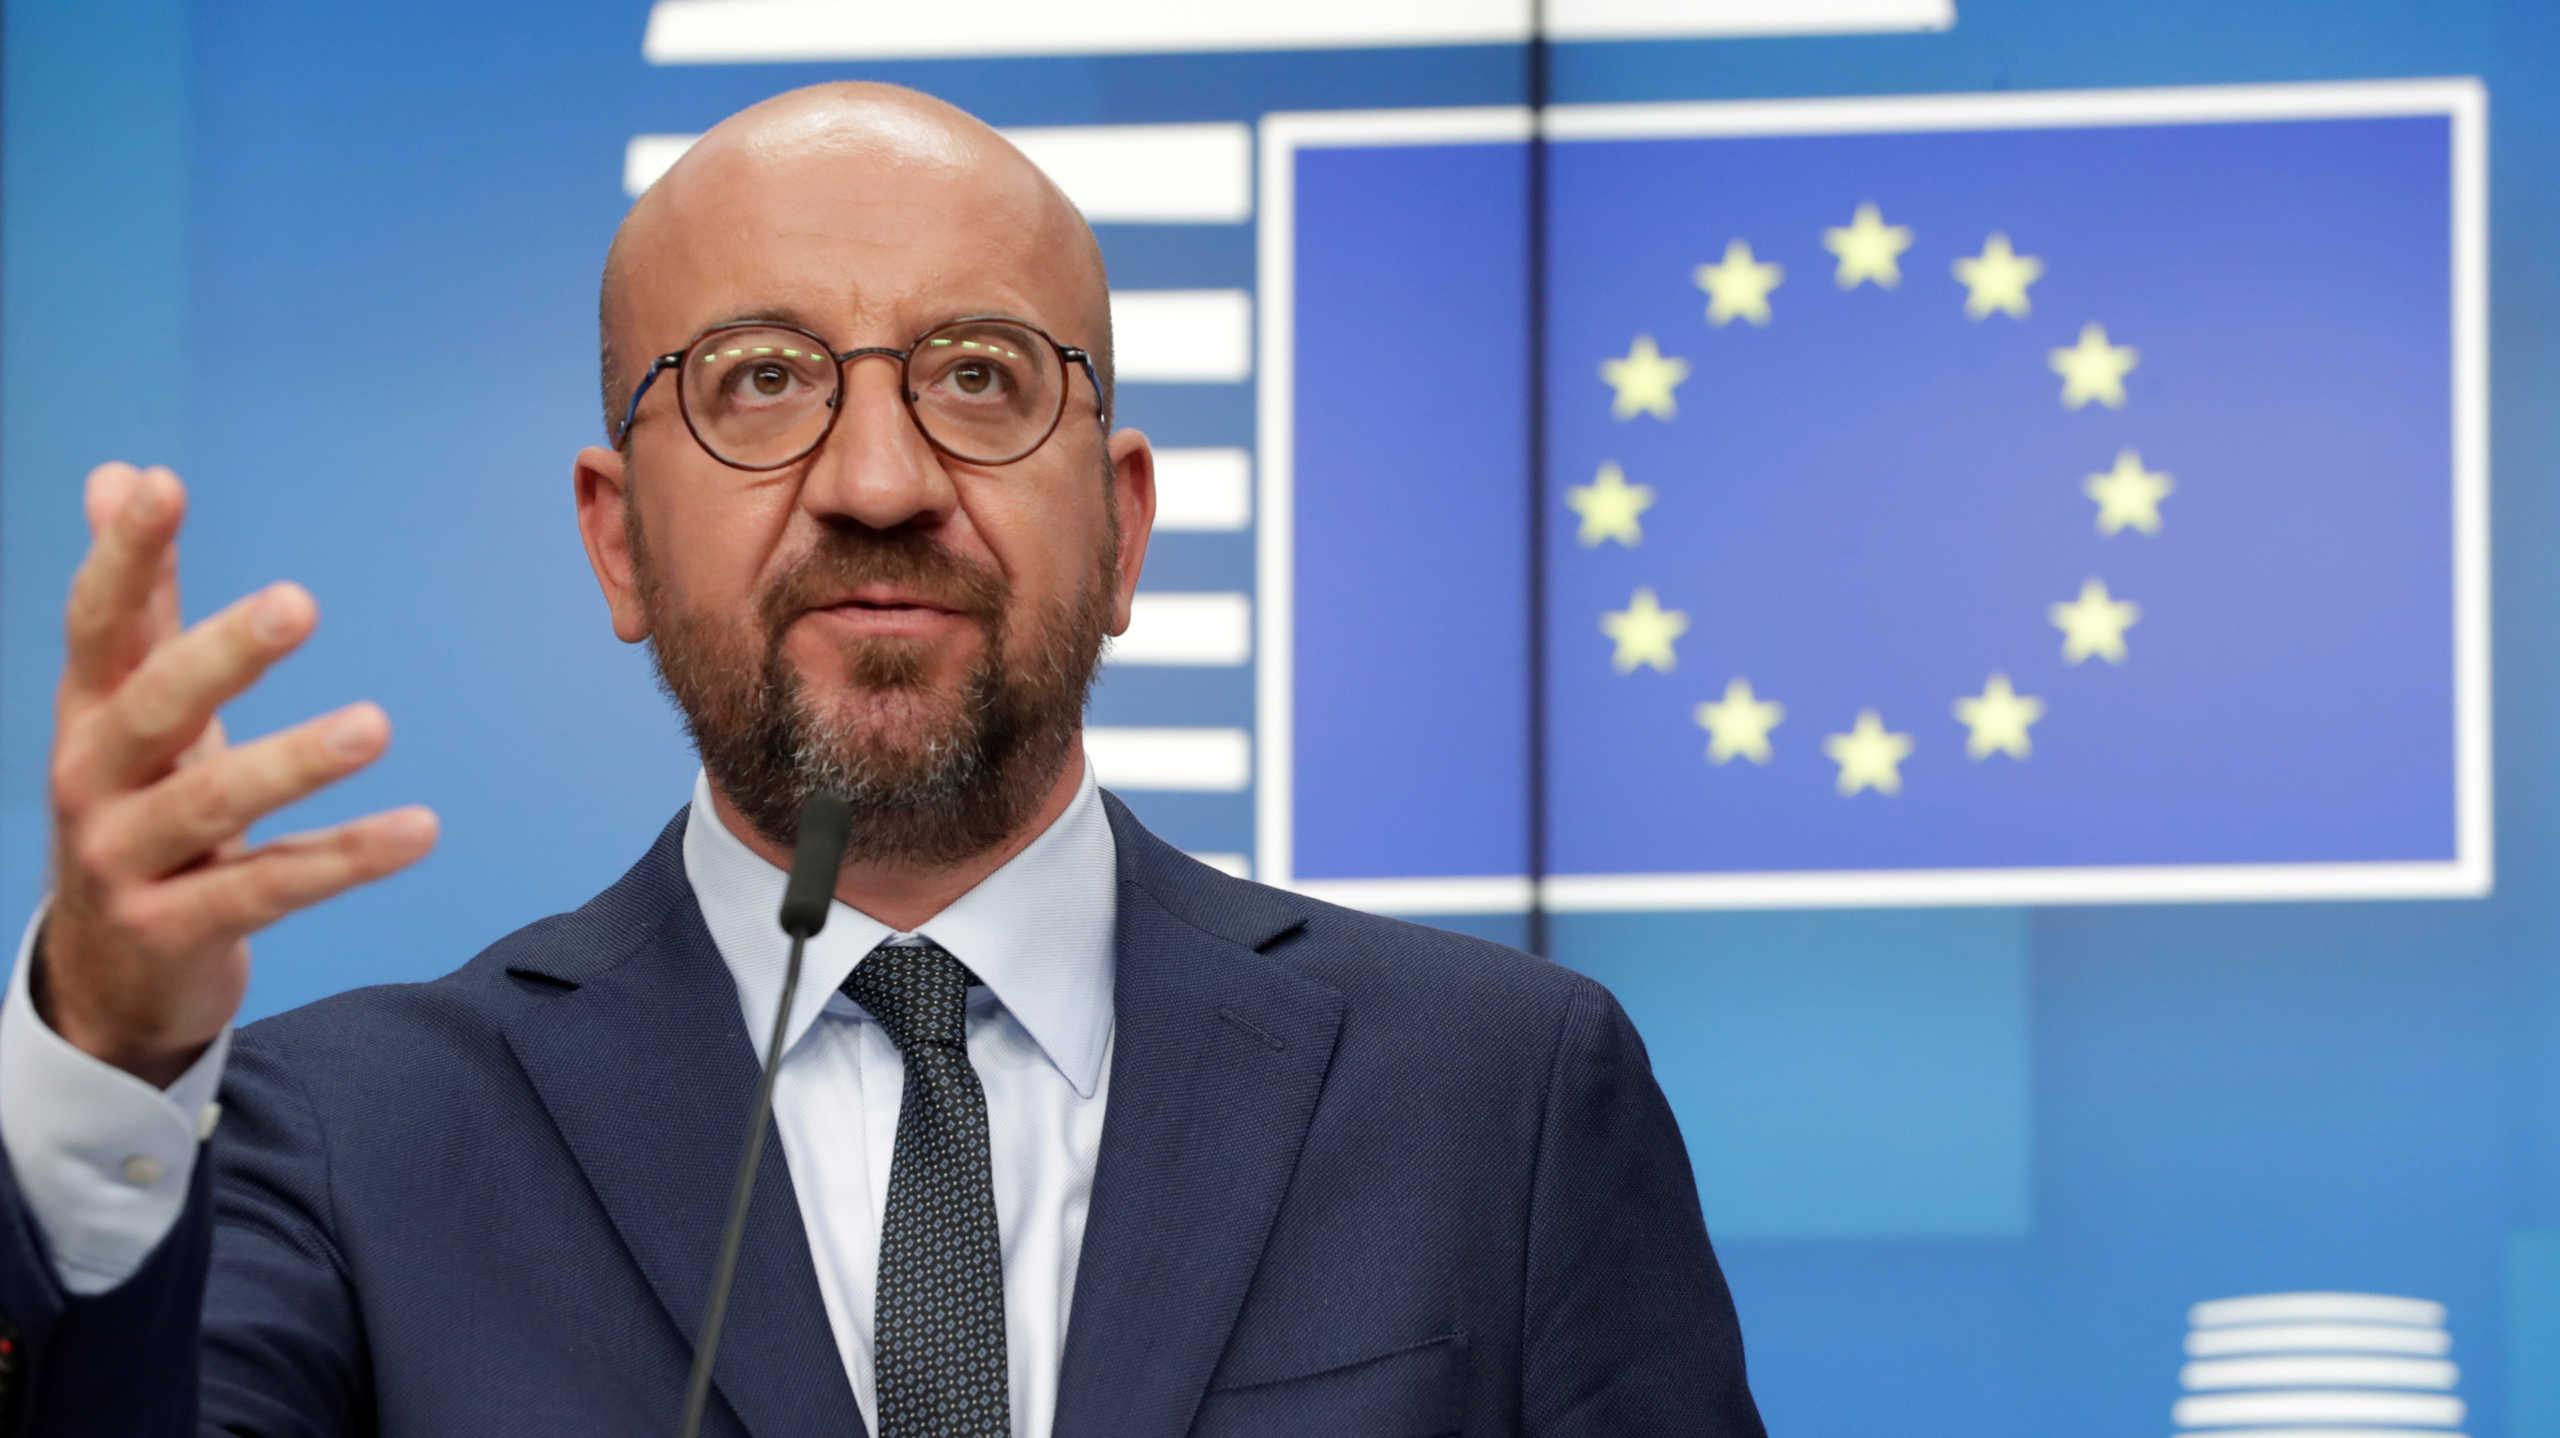 ΕΕ: Η Άγκυρα μας γύρισε την πλάτη! Τώρα πλέον μιλάμε για κυρώσεις – Οργισμένη δήλωση Μισέλ